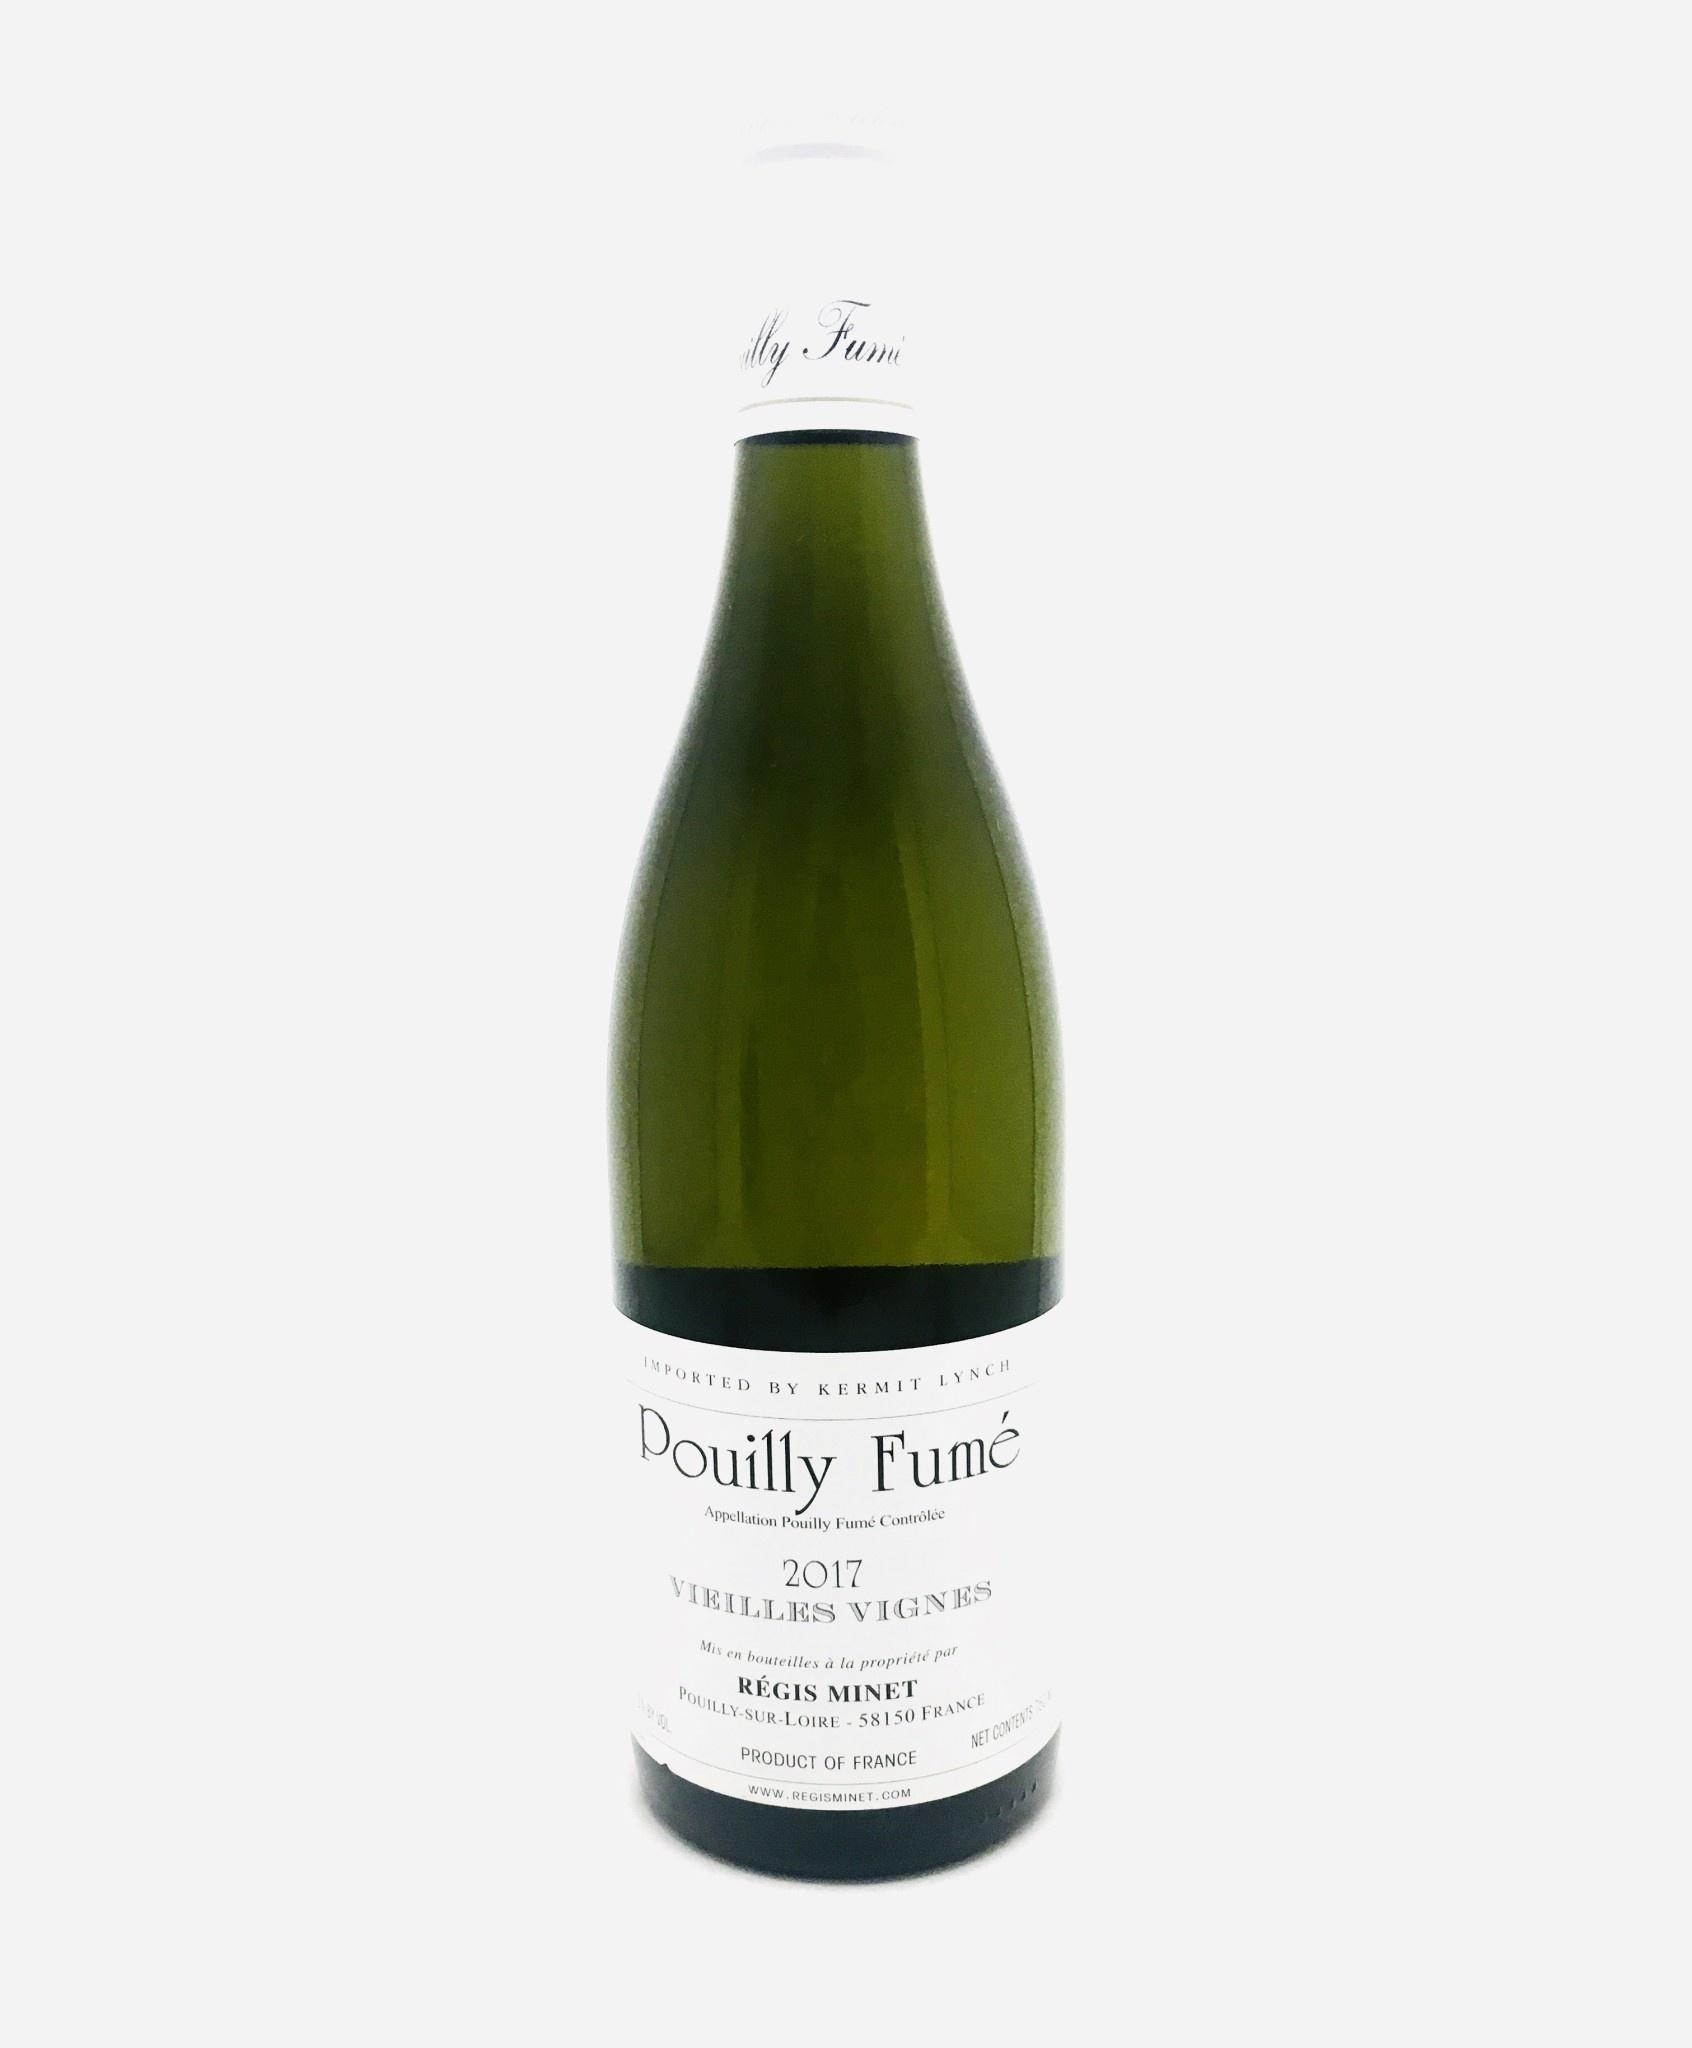 Regis Minet Vieilles Vignes Pouilly Fume Loire France 2017